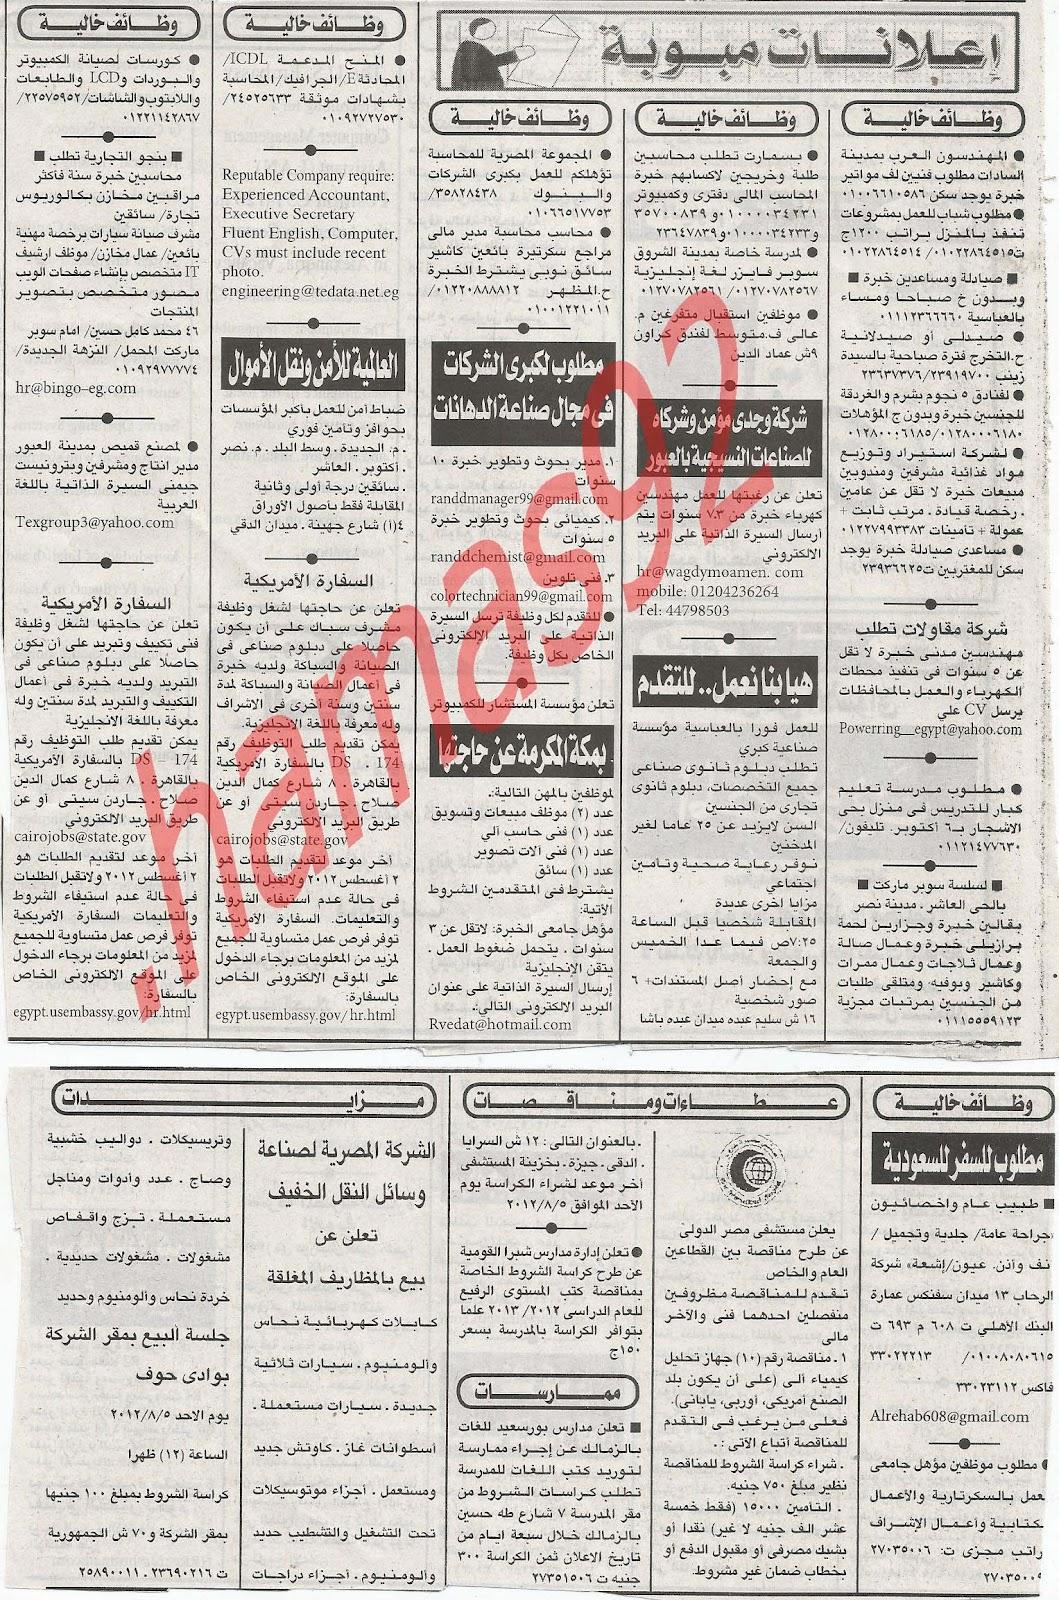 اعلانات الوظائف الخالية فى جريدة الاهرام الجمعة 27/7/2012 - الاهرام الاسبوعى 7